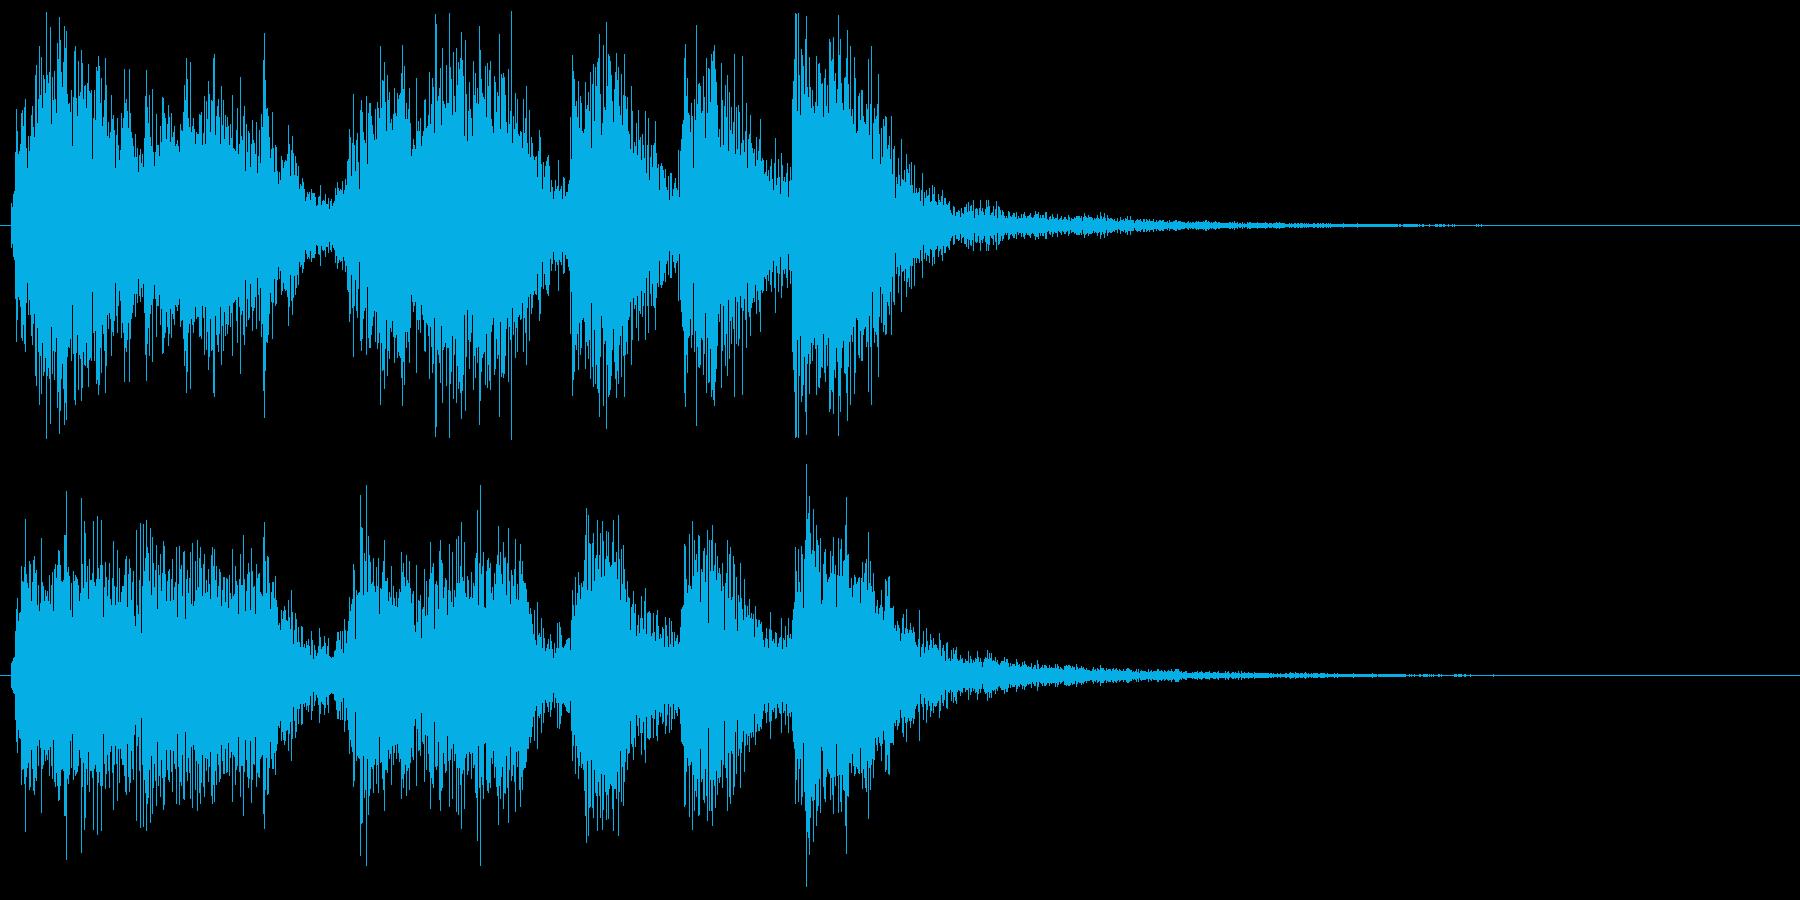 派手なレベルアップ音↑(オーケストラ風)の再生済みの波形